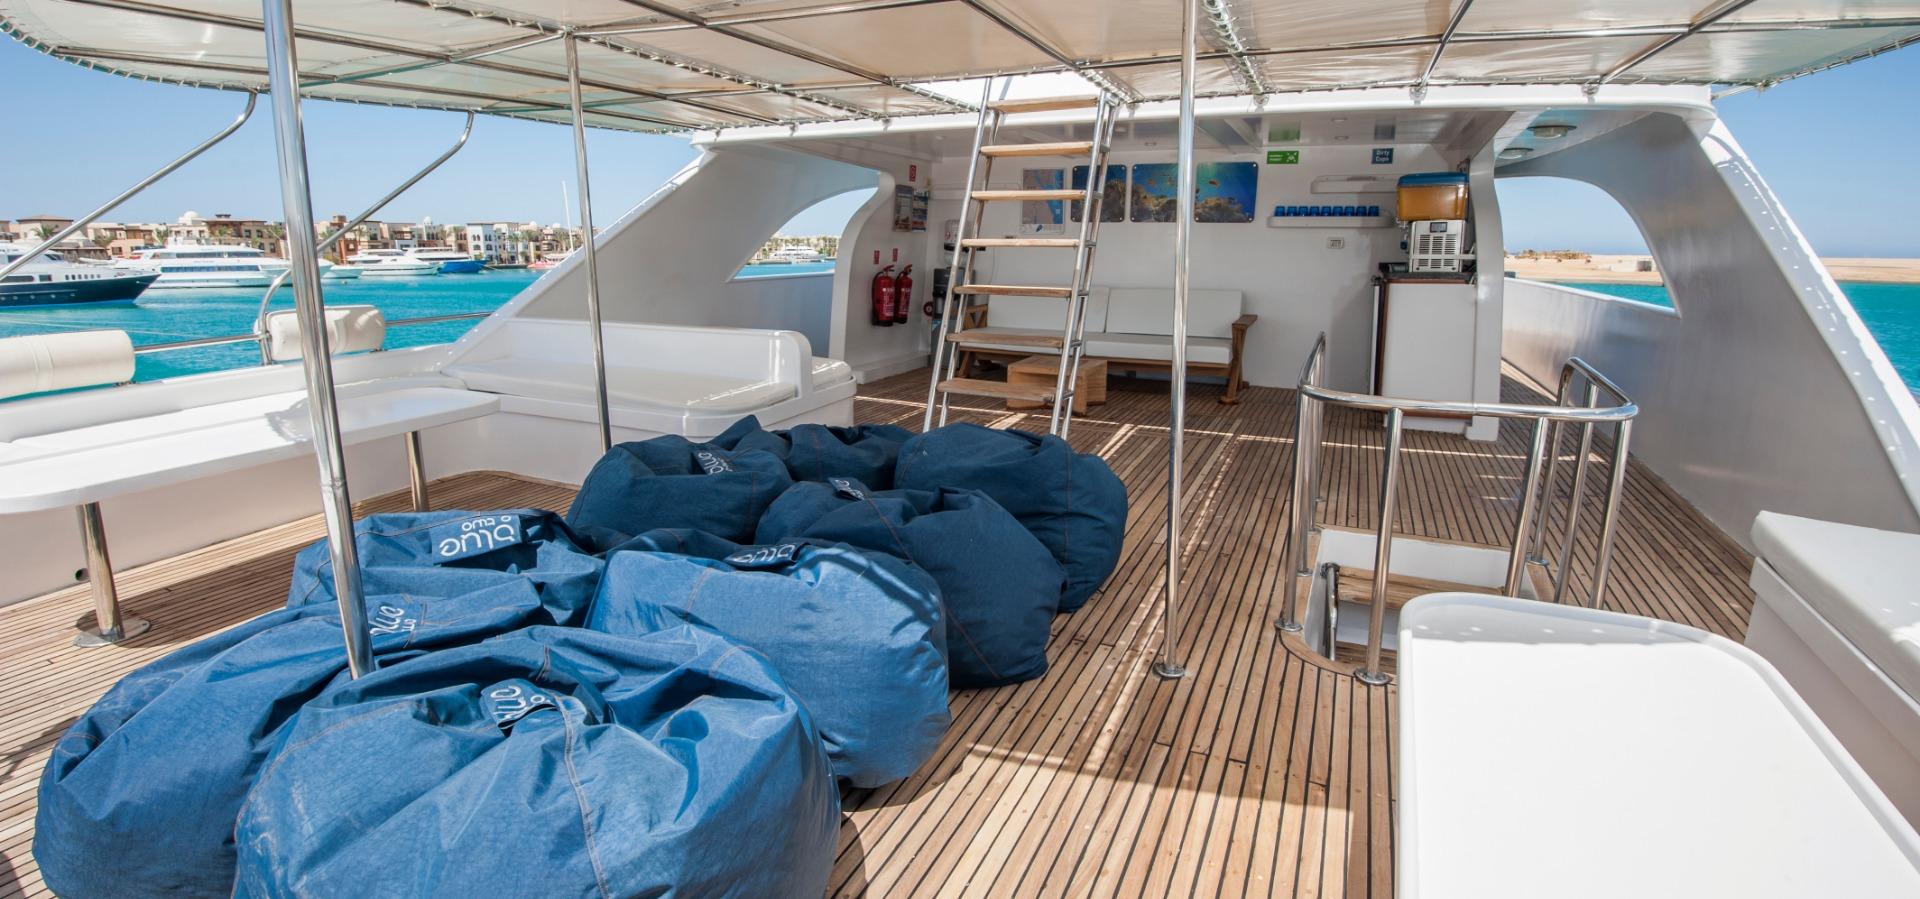 M/Y Red Sea Adventurer rear outside deck